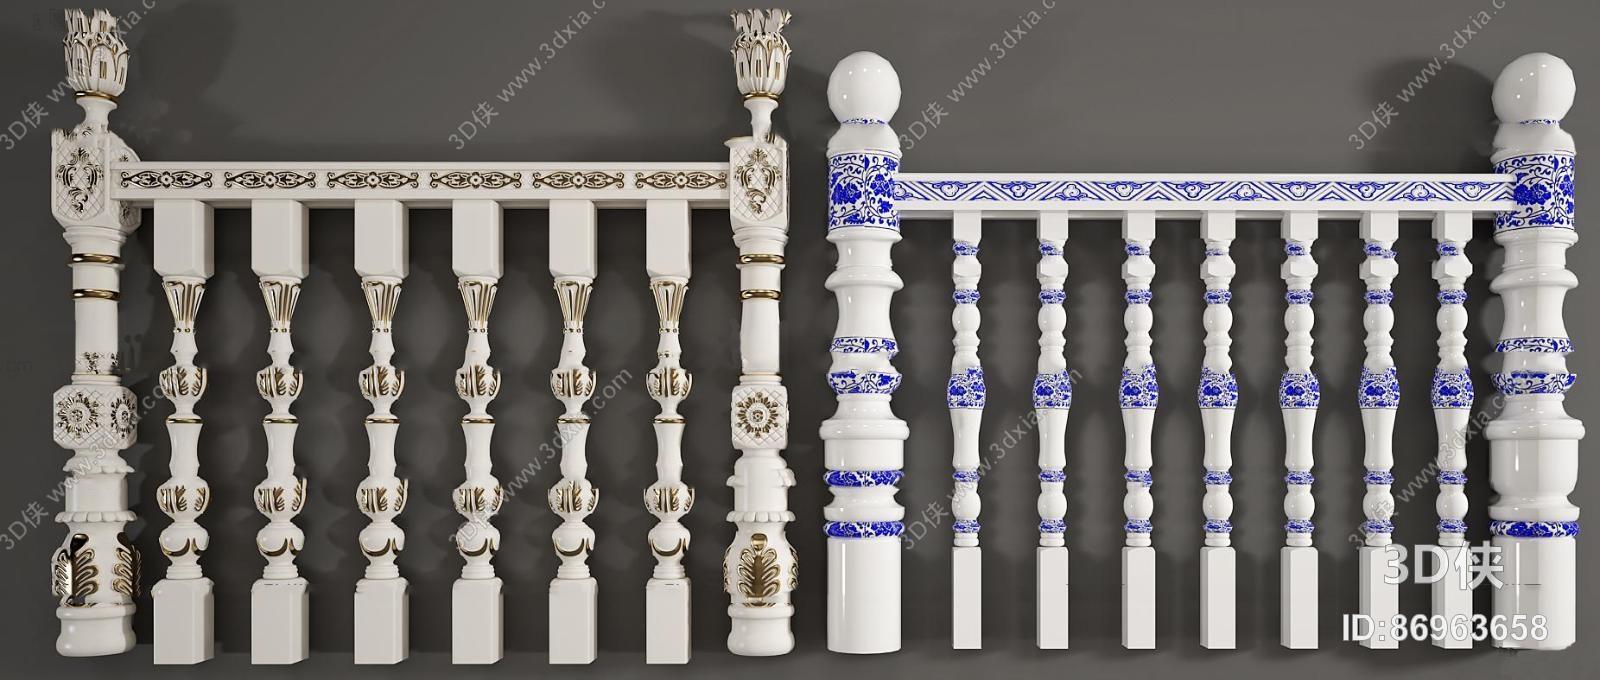 欧式雕花栏杆护栏组合3d模型【id:86963658】图片